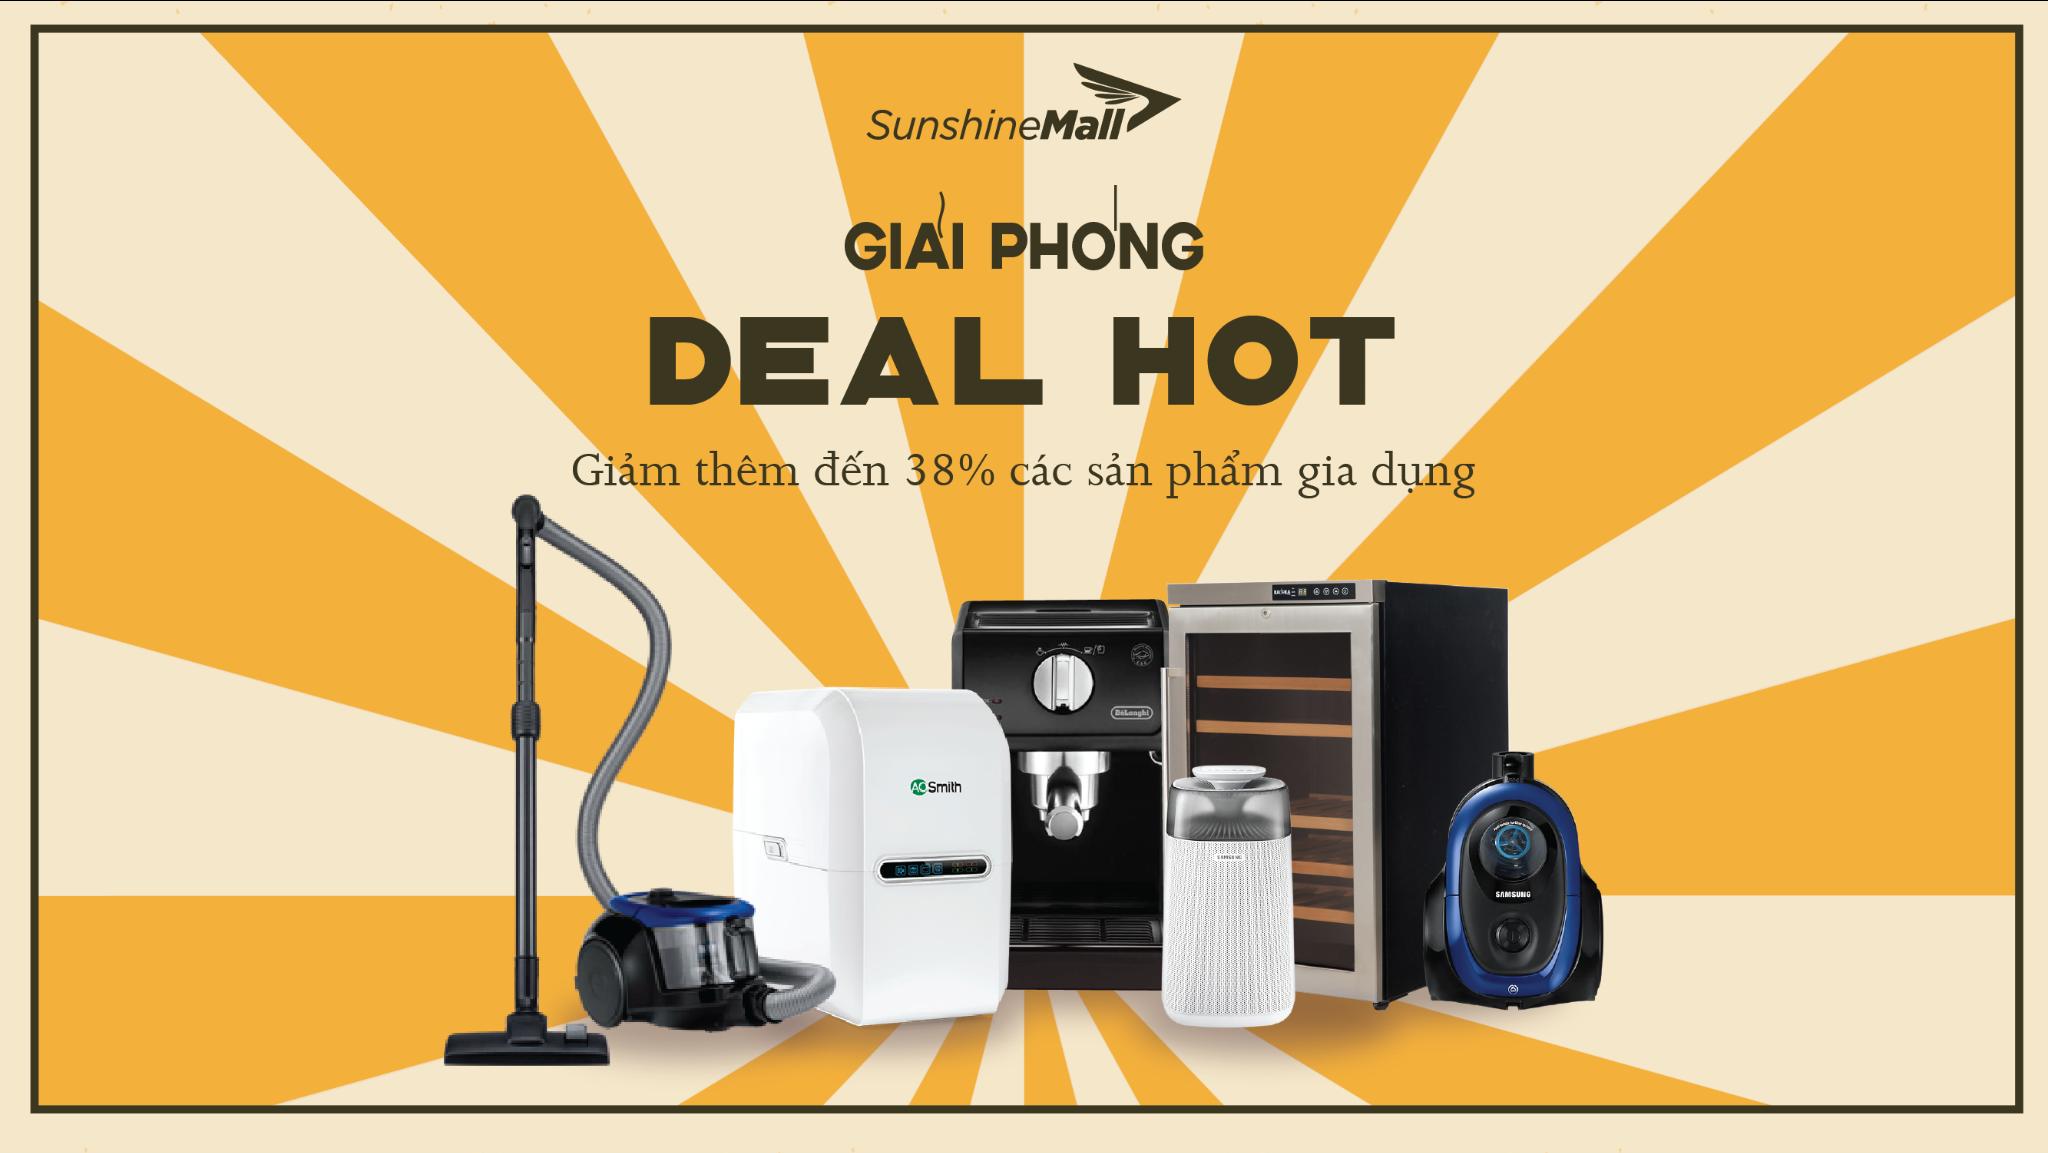 Mừng đại lễ, Sunshine Mall tung deal khủng, cơ hội nhận ưu đãi lên tới hơn 10 triệu đồng 1